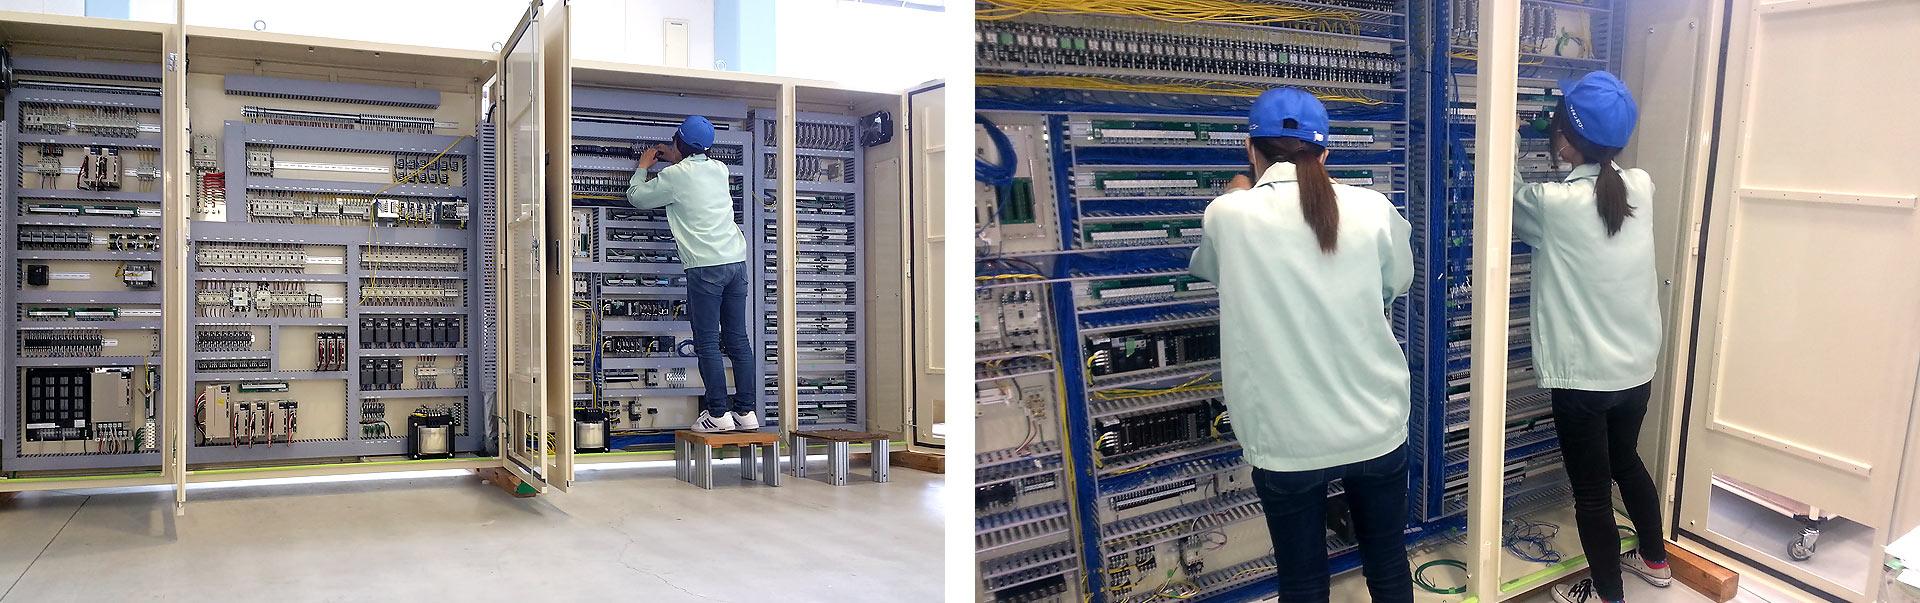 次世代型制御盤設計・製作|事業紹介|ライオンパワー株式会社